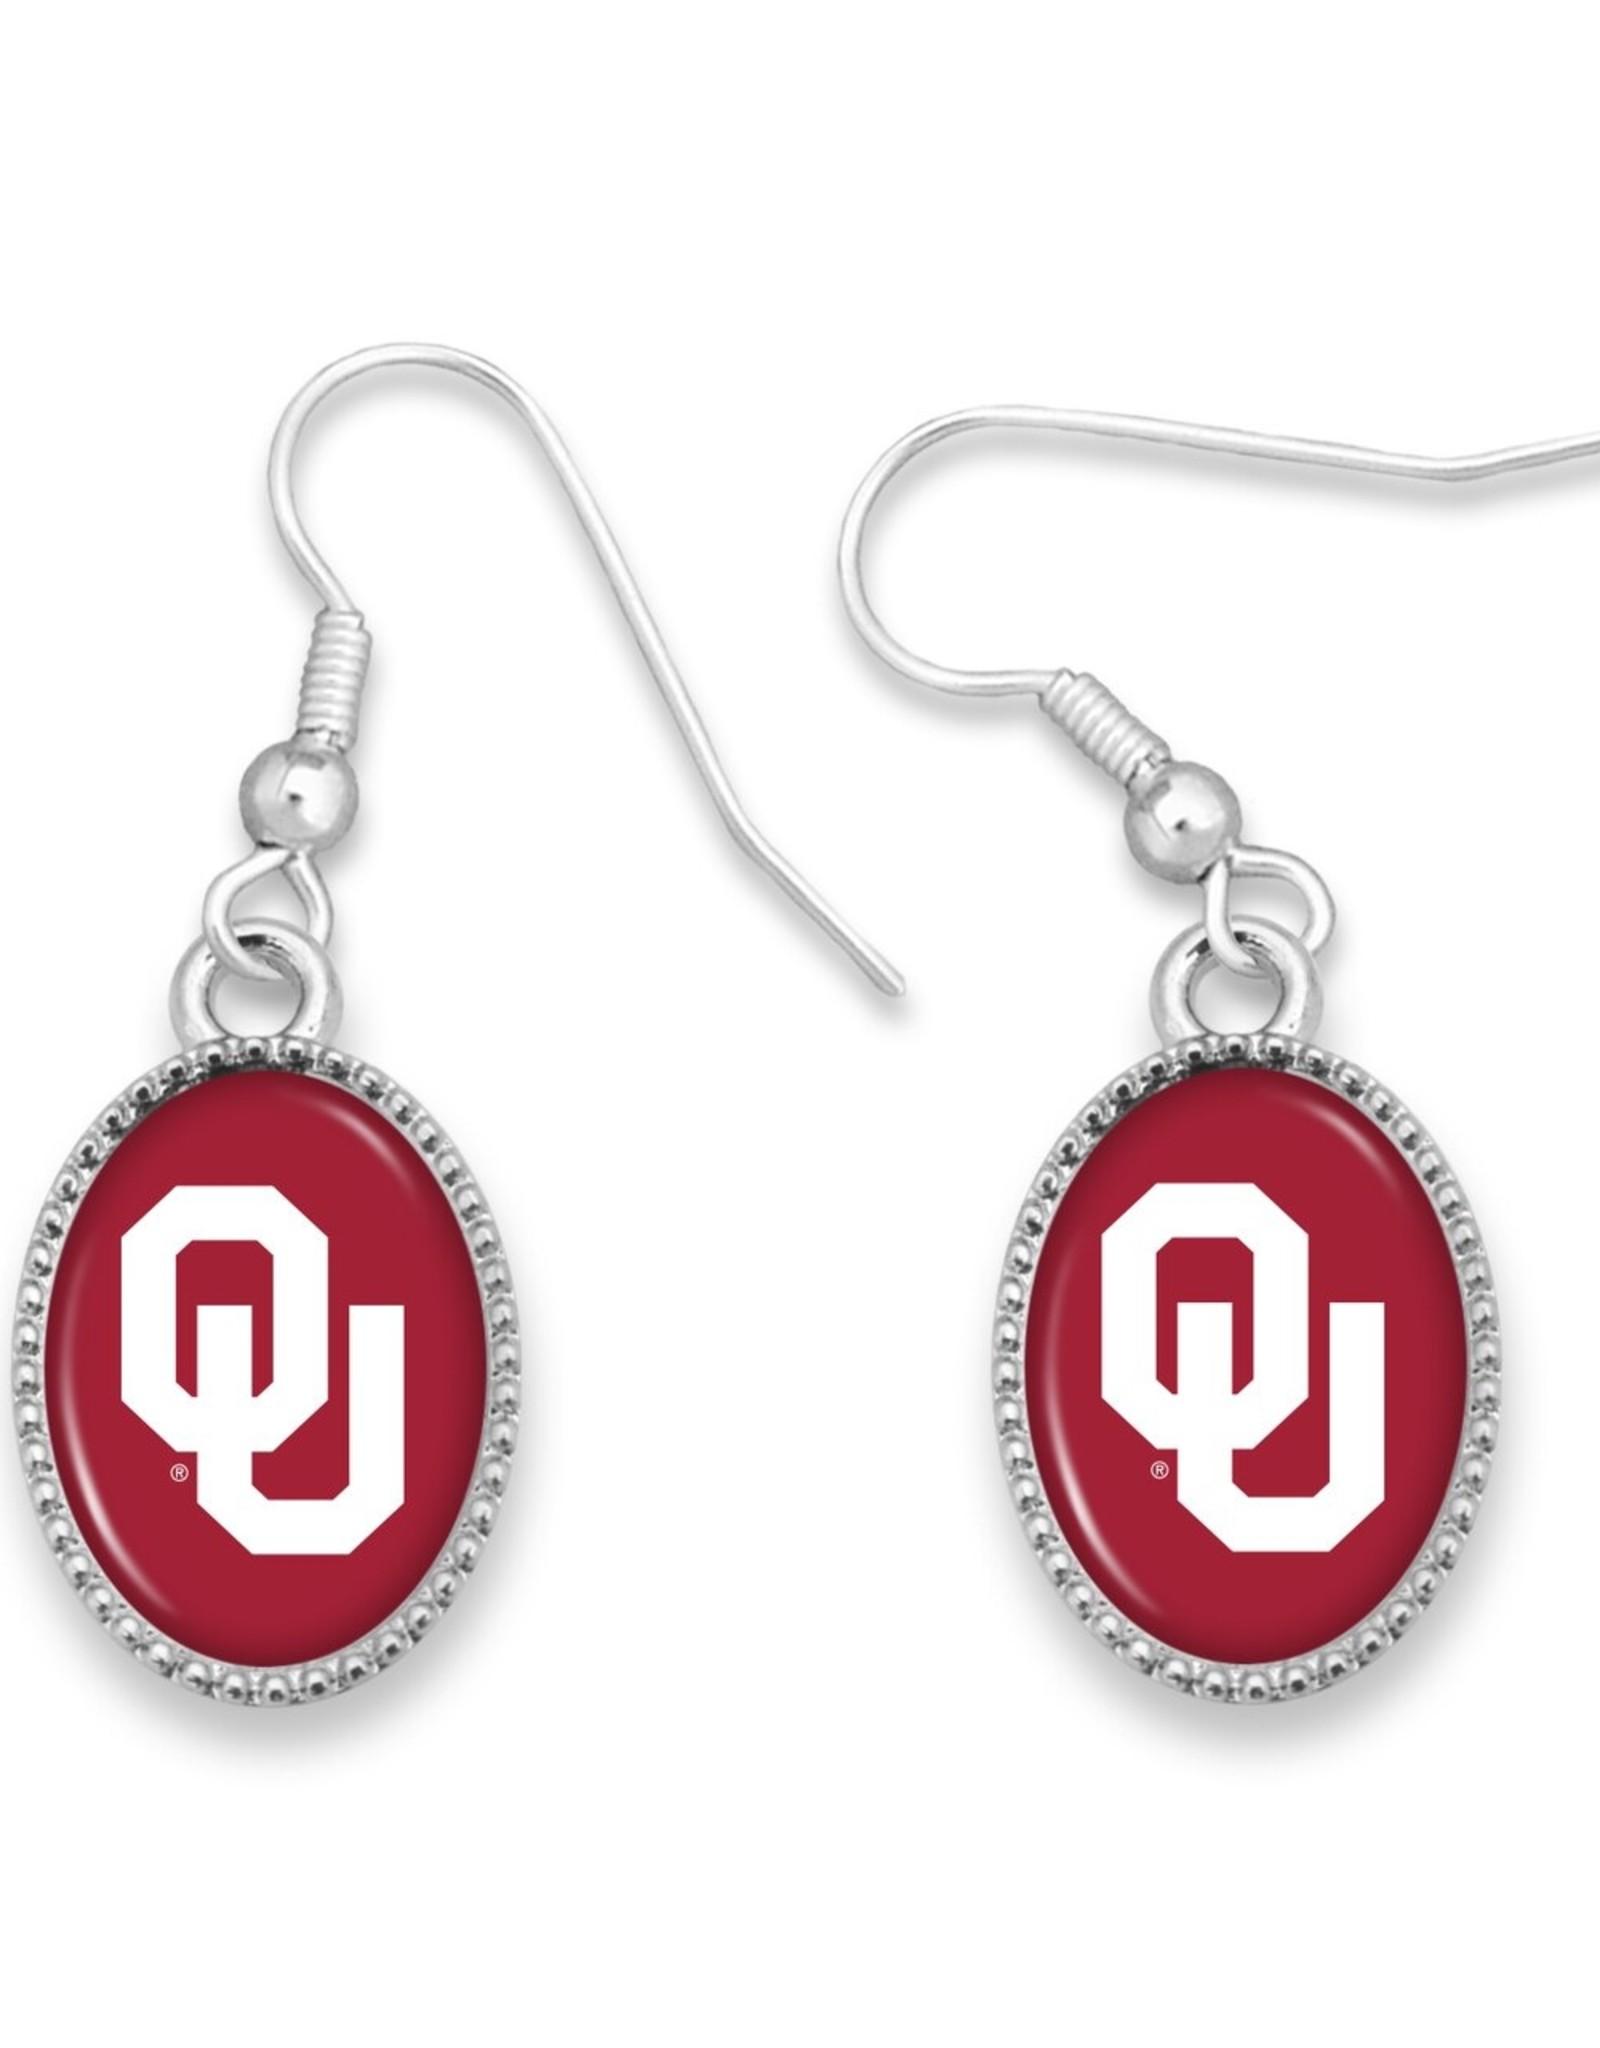 FTH FTH OU Kennedy Earrings